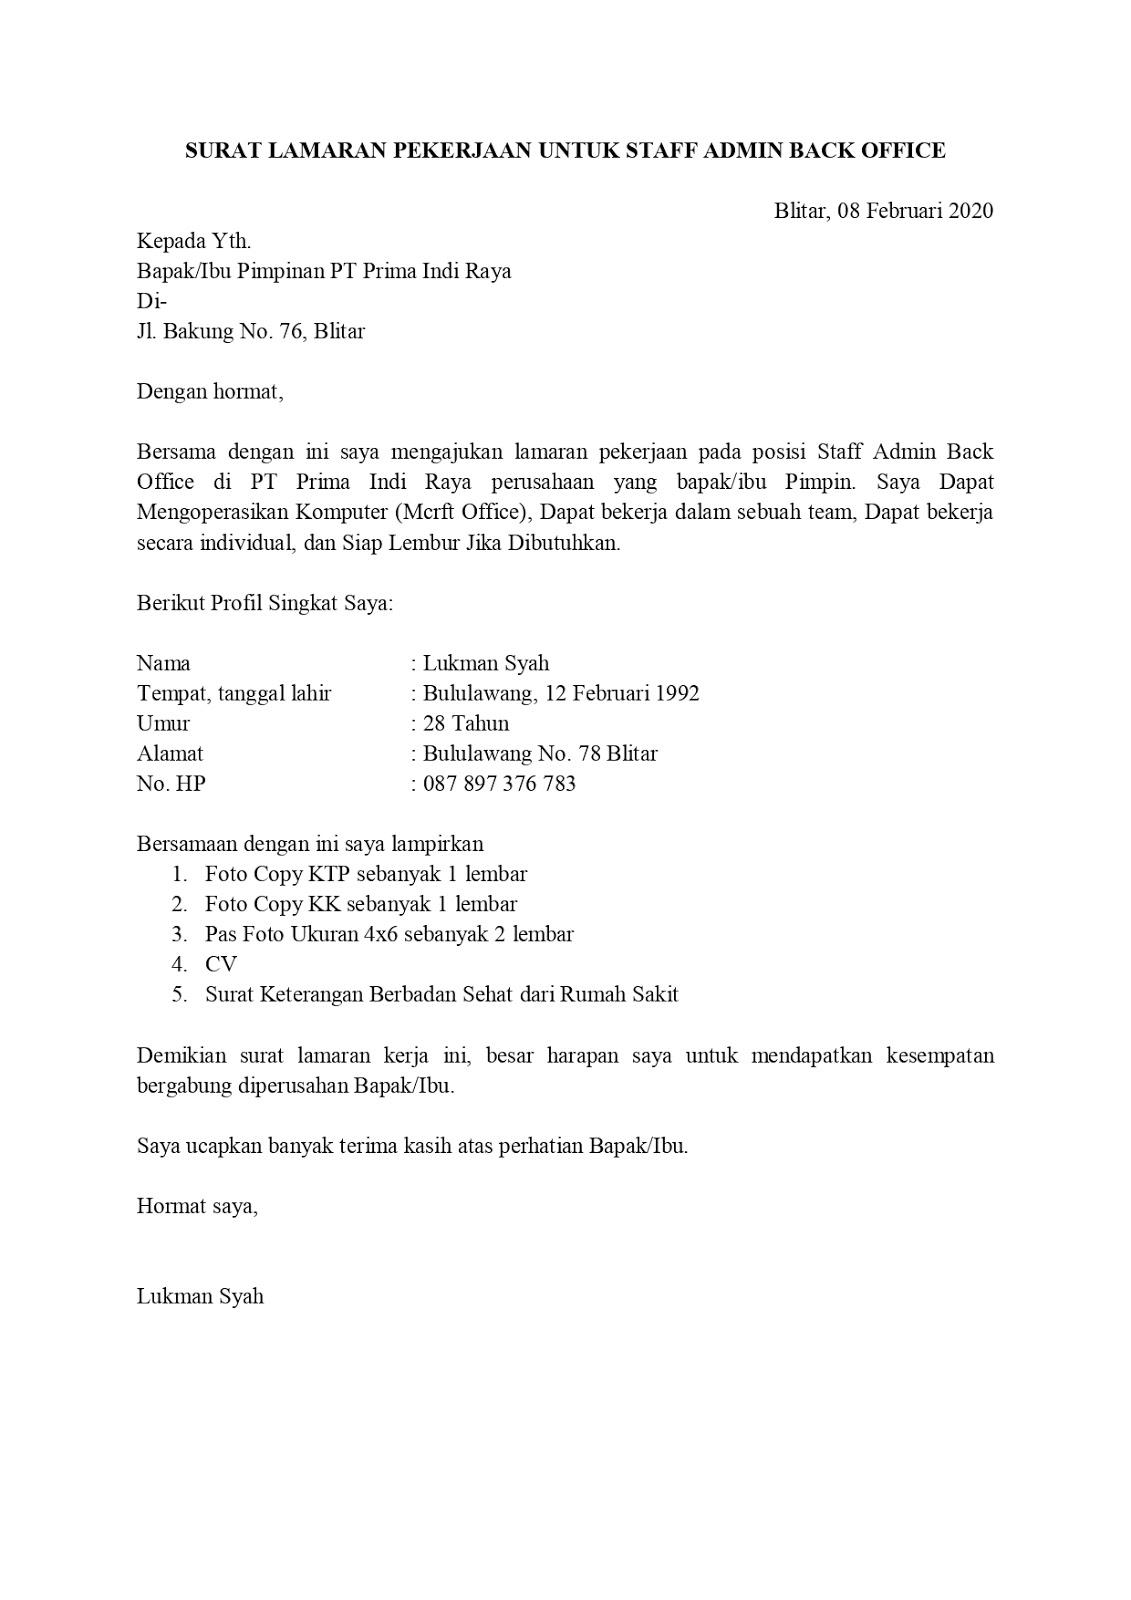 Contoh Surat Lamaran Pekerjaan Untuk Administrasi Dan Perkantoran Tanpa Koma